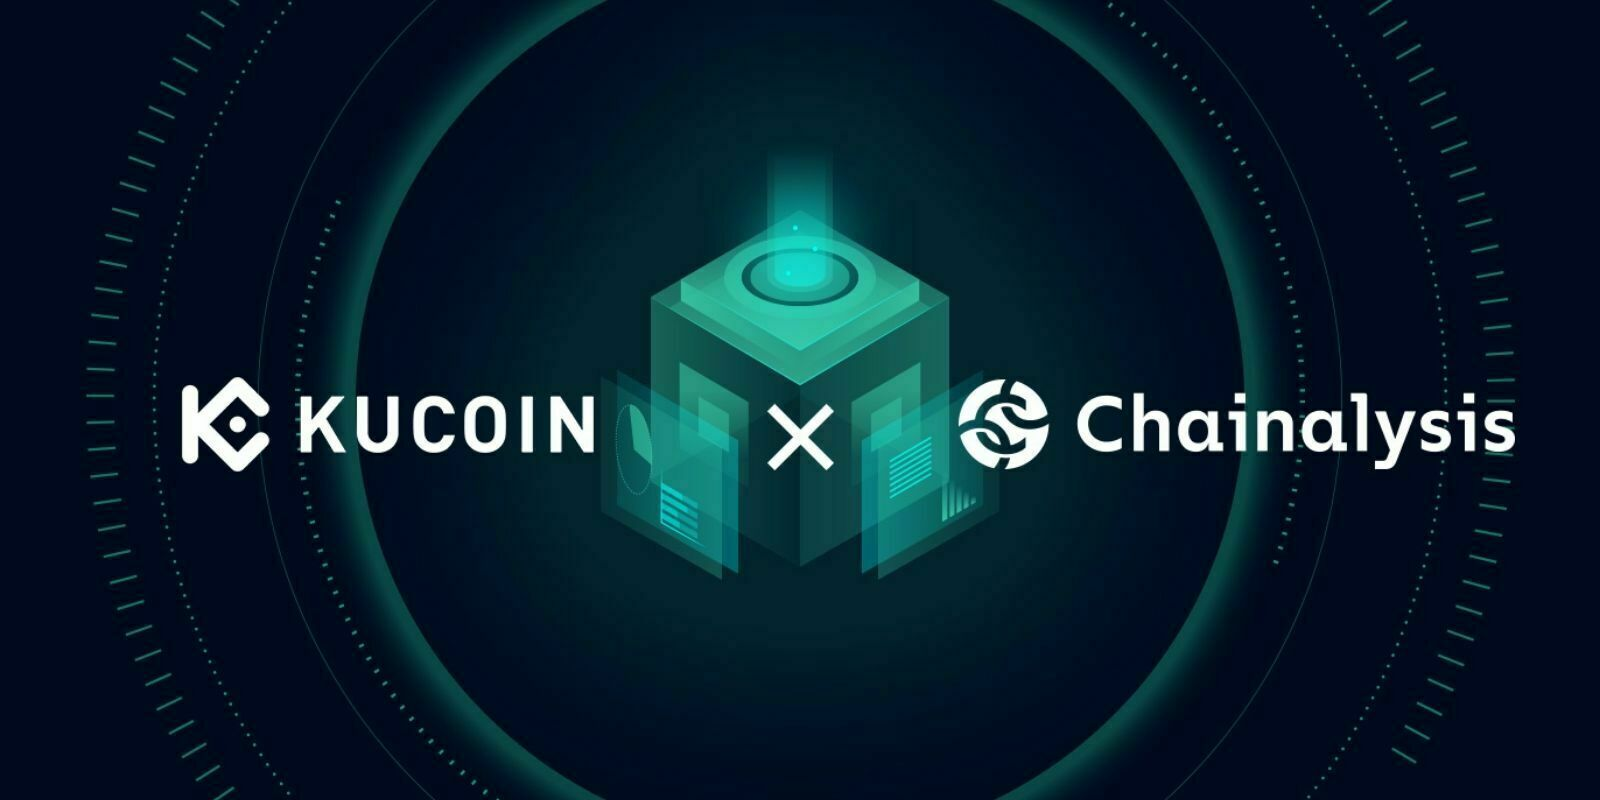 KuCoin collabore avec Chainalysis pour la détection d'activités suspectes